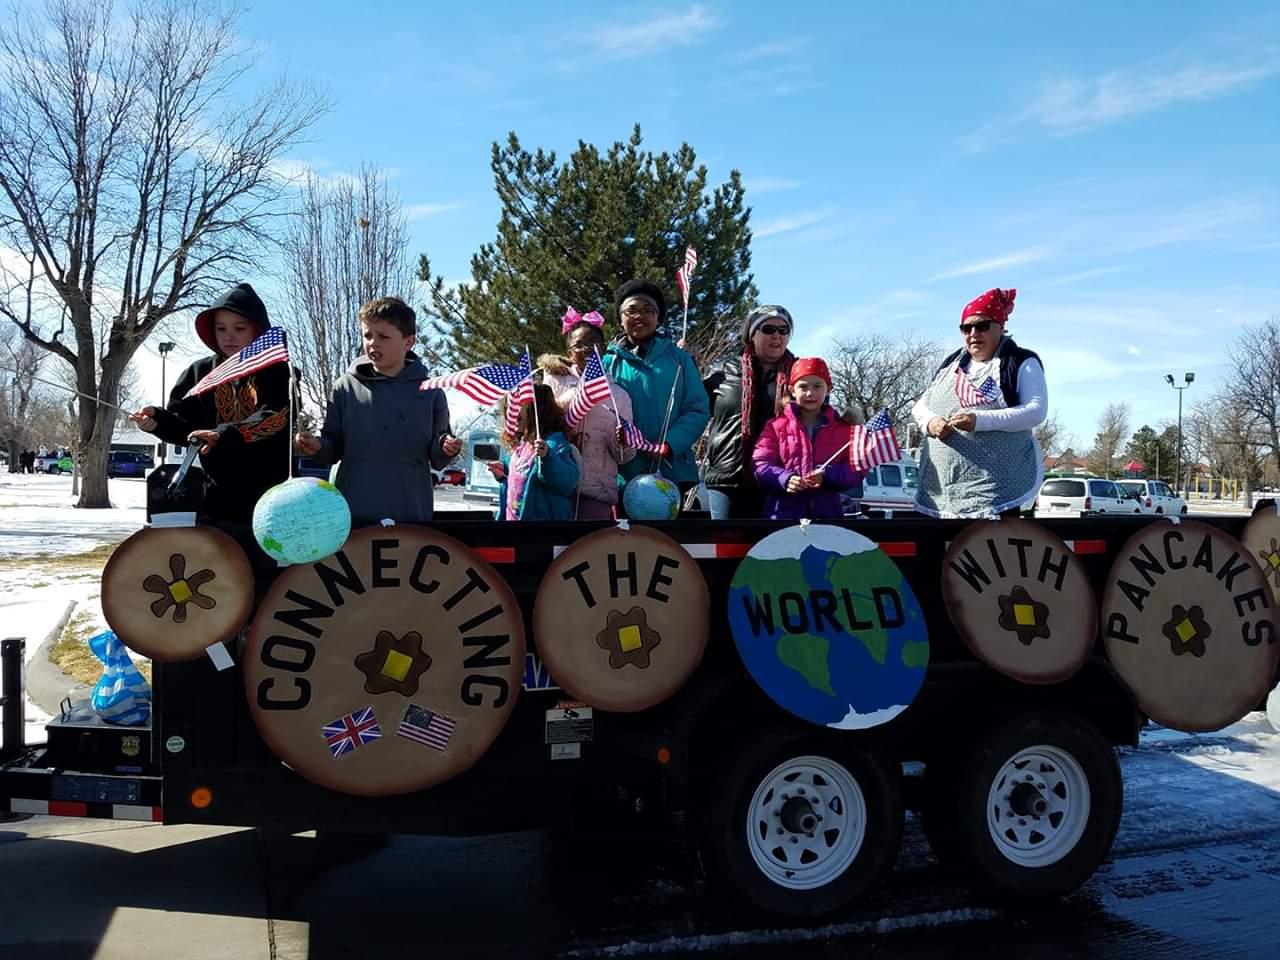 Rotary Club Pancake Day Parade Winners